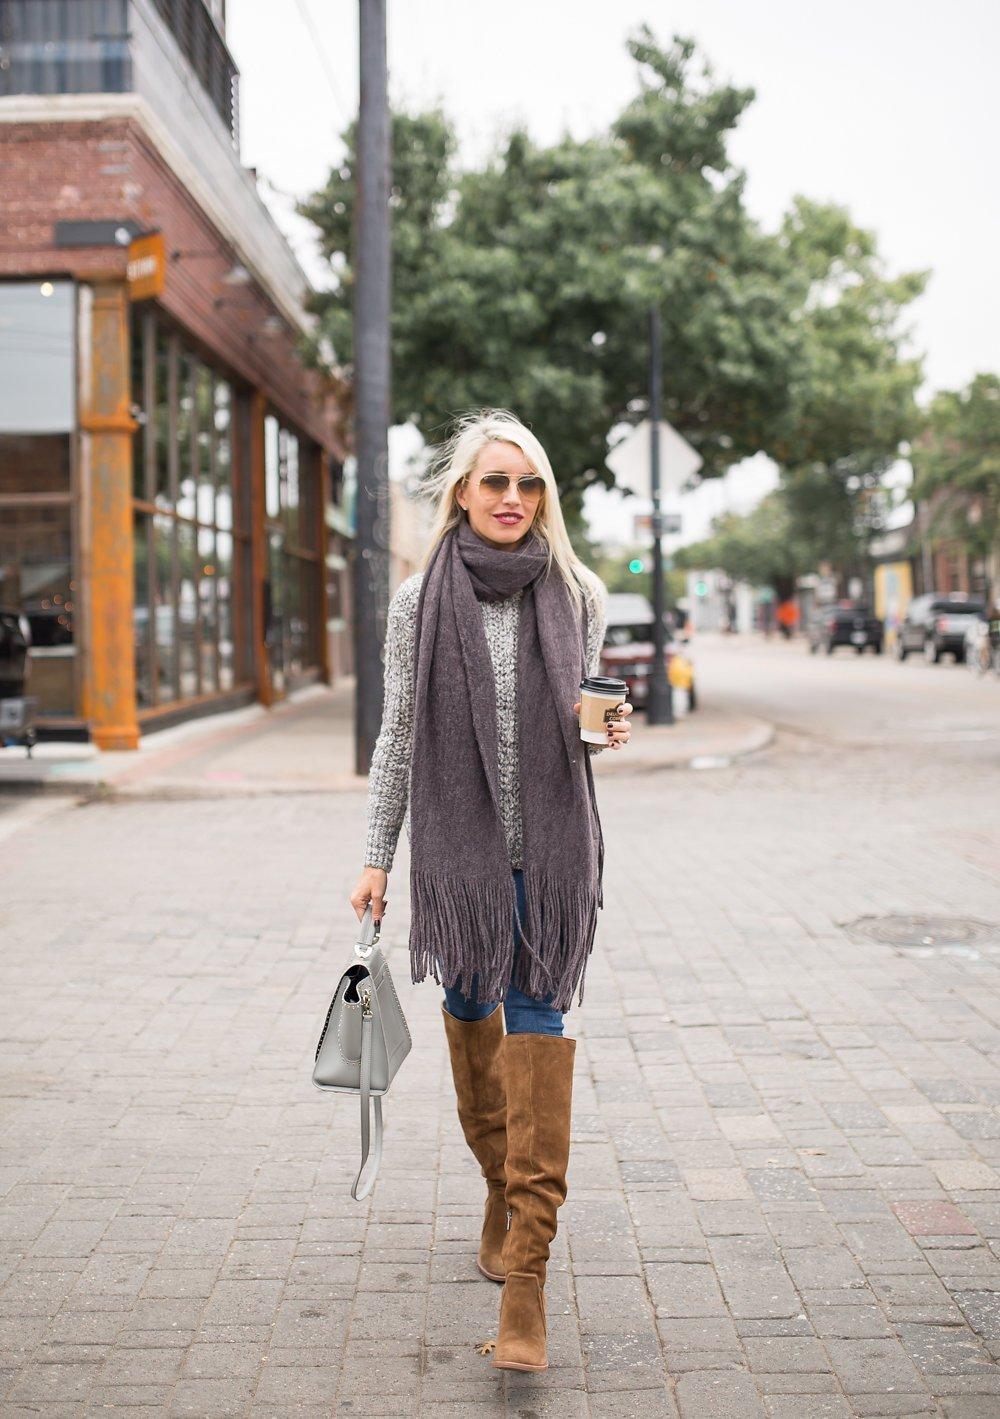 fashionista đeo khăn choàng to bản màu xám